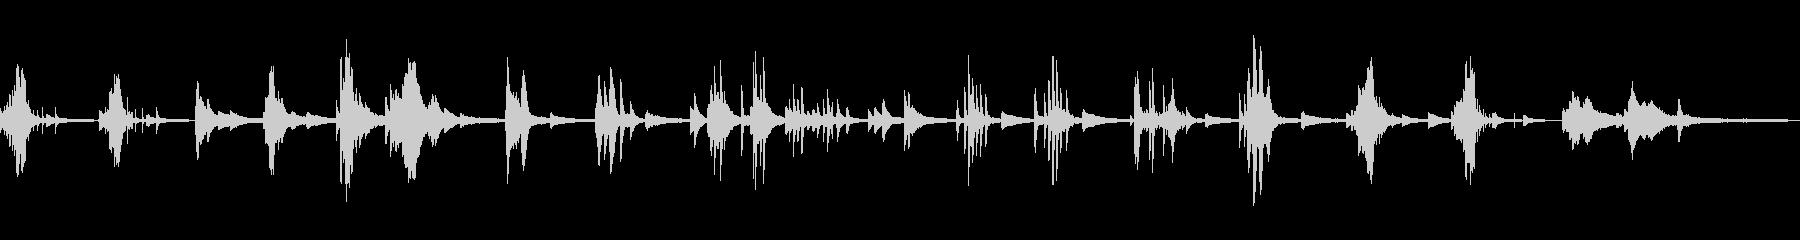 冷たい/静寂/和風の雰囲気14-ピアノ の未再生の波形